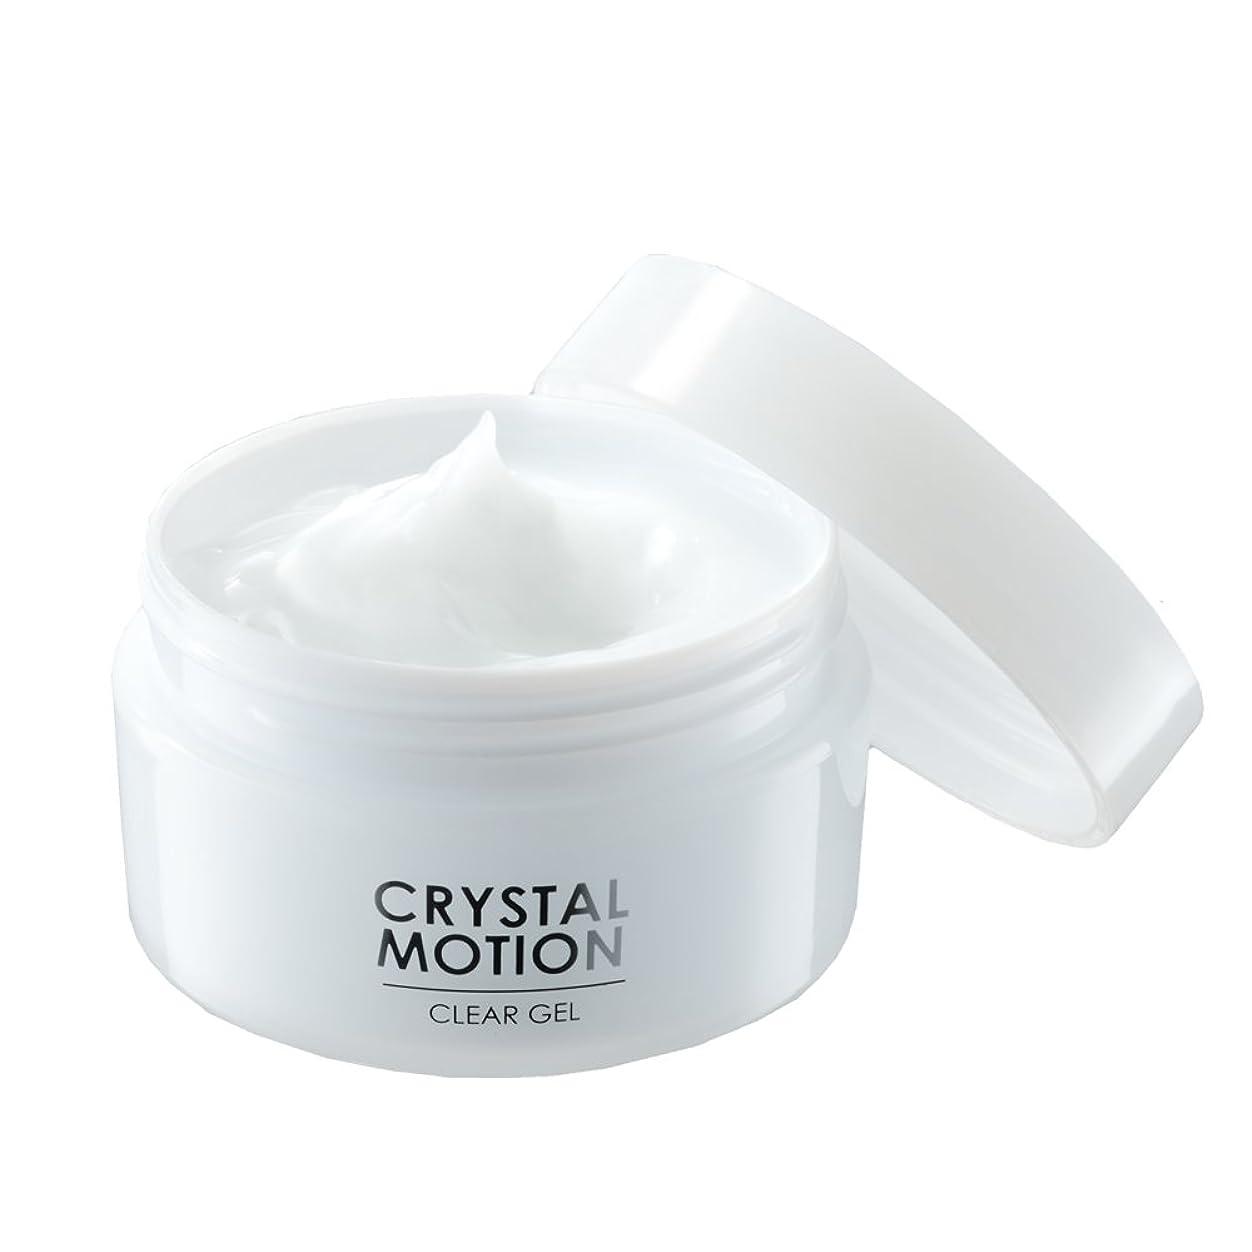 作業財布ペストクリスタルモーション CRYSTAL MOTION 薬用ニキビケアジェル 保湿 乾燥 美白 美肌 ニキビ 予防 1ヶ月分 60g